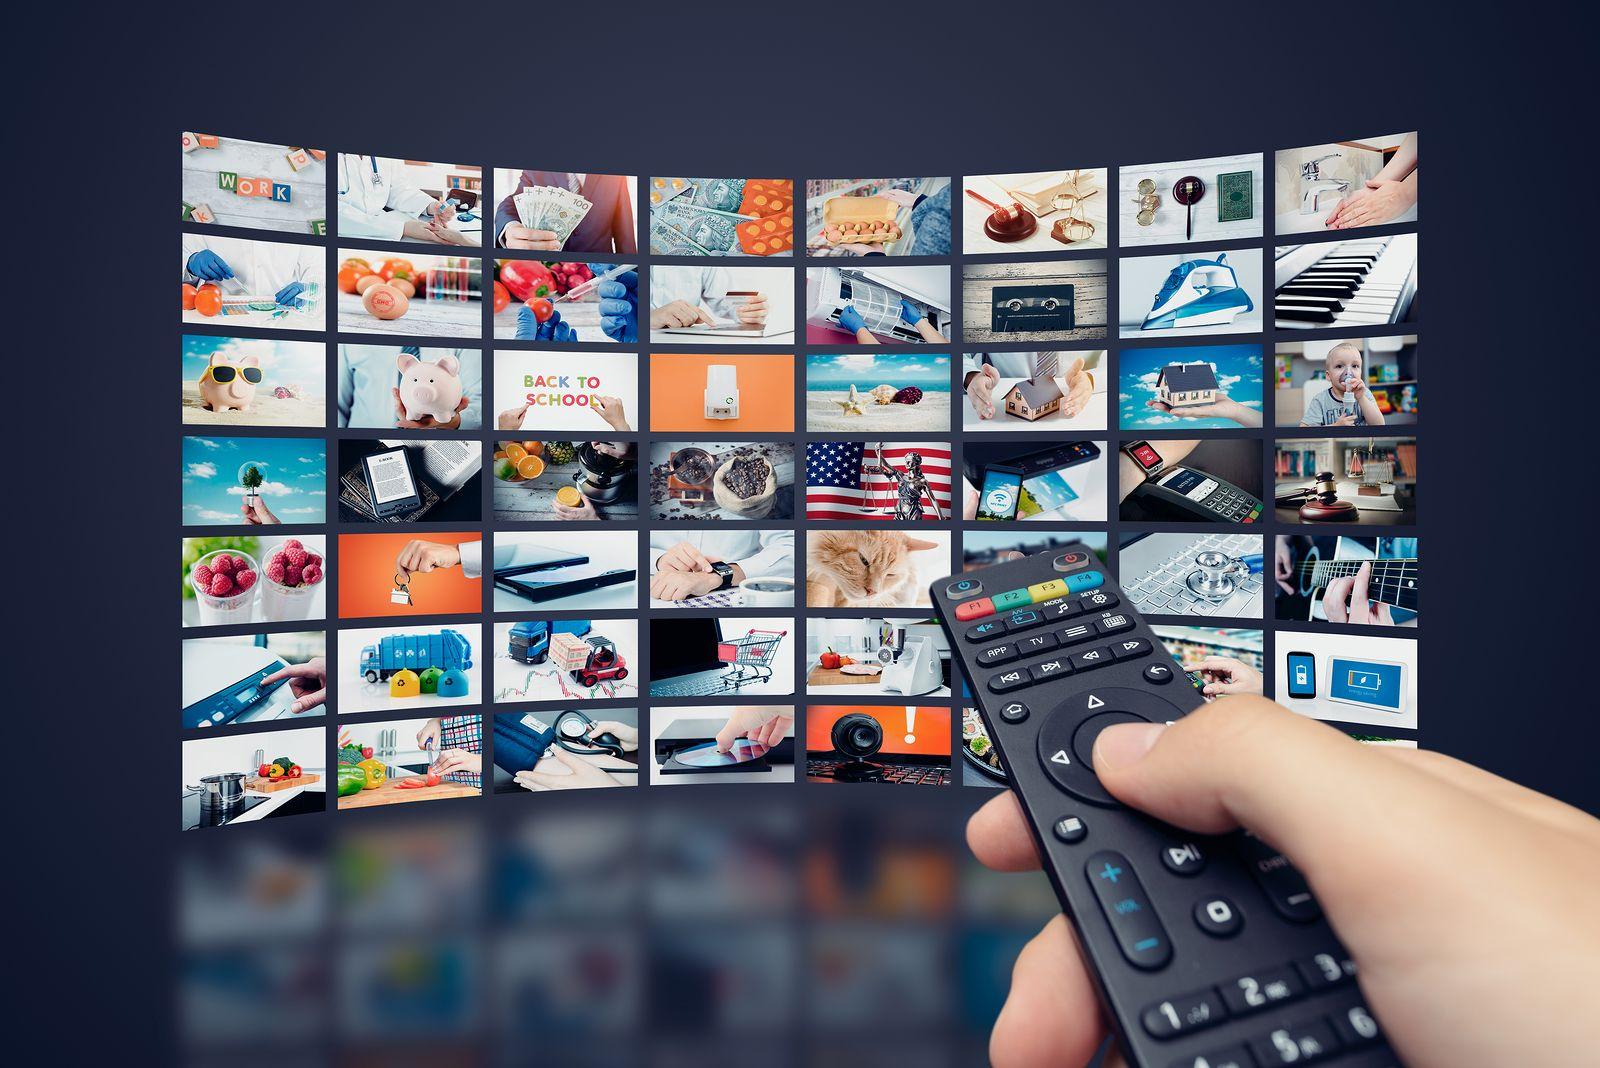 Diversos canales de televisión reproduciéndose simultáneamente